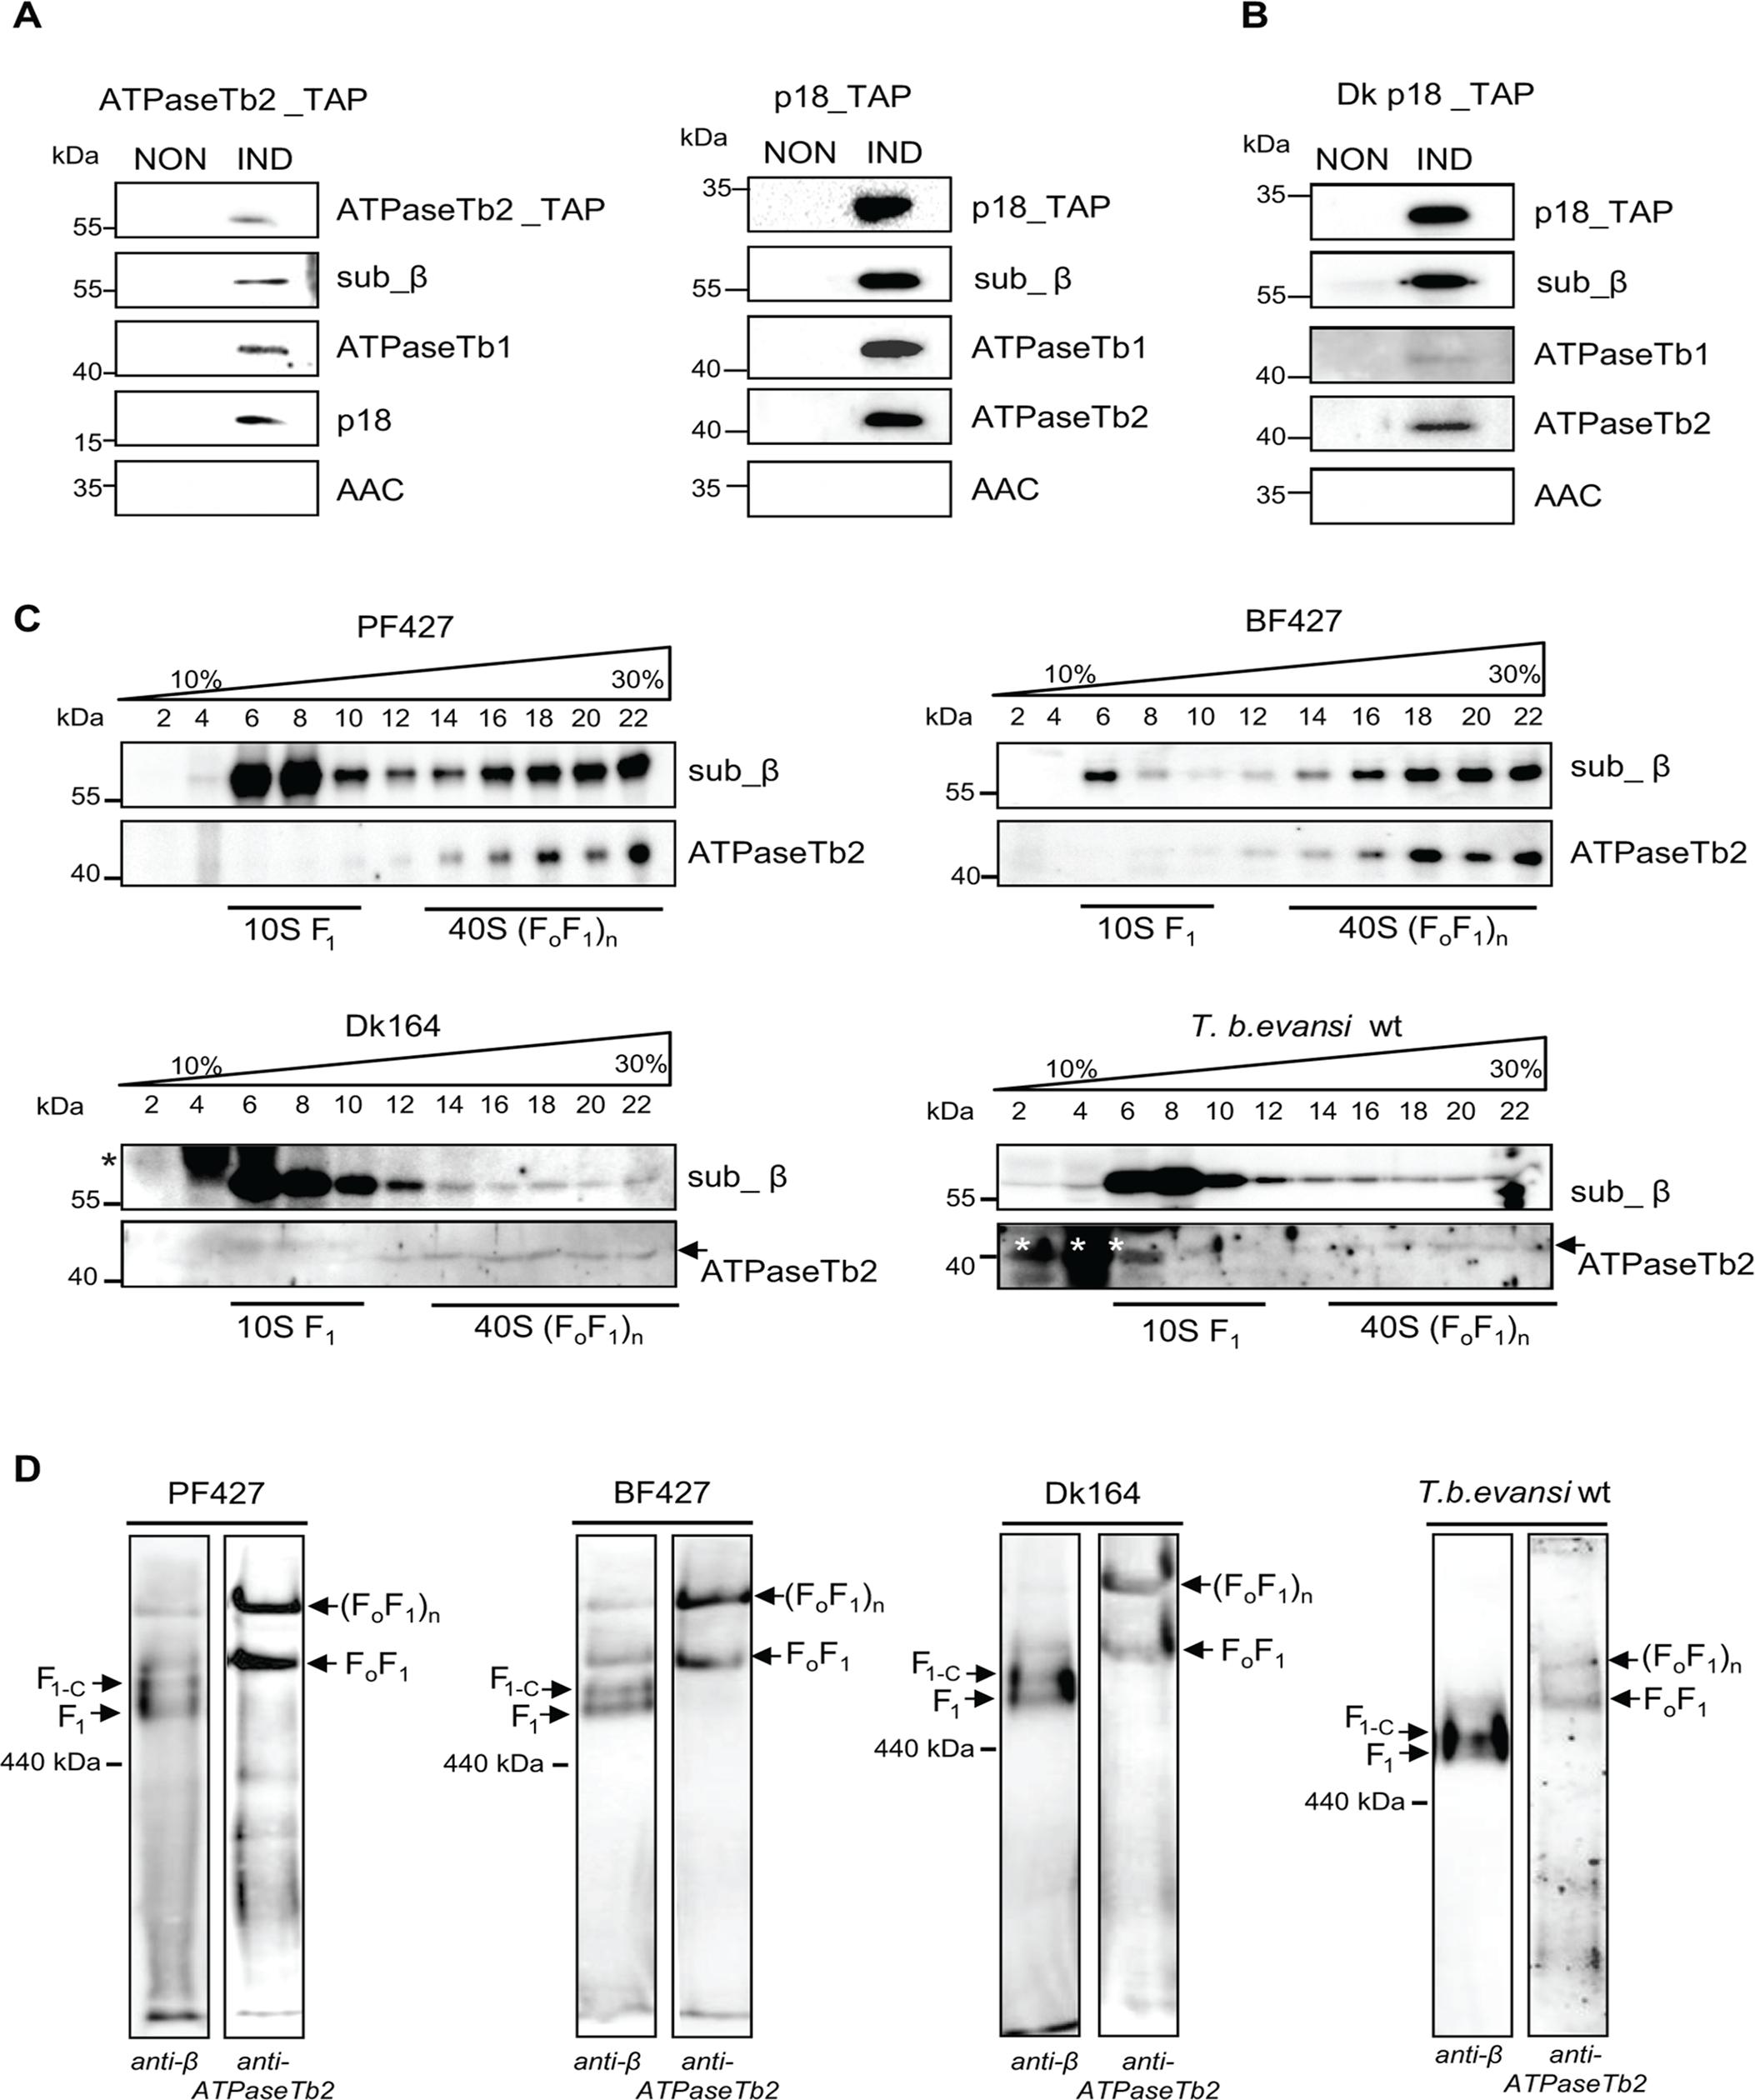 ATPaseTb2 is a bona fide subunit of the monomeric and multimeric F<sub>o</sub>F<sub>1</sub>-ATPases.